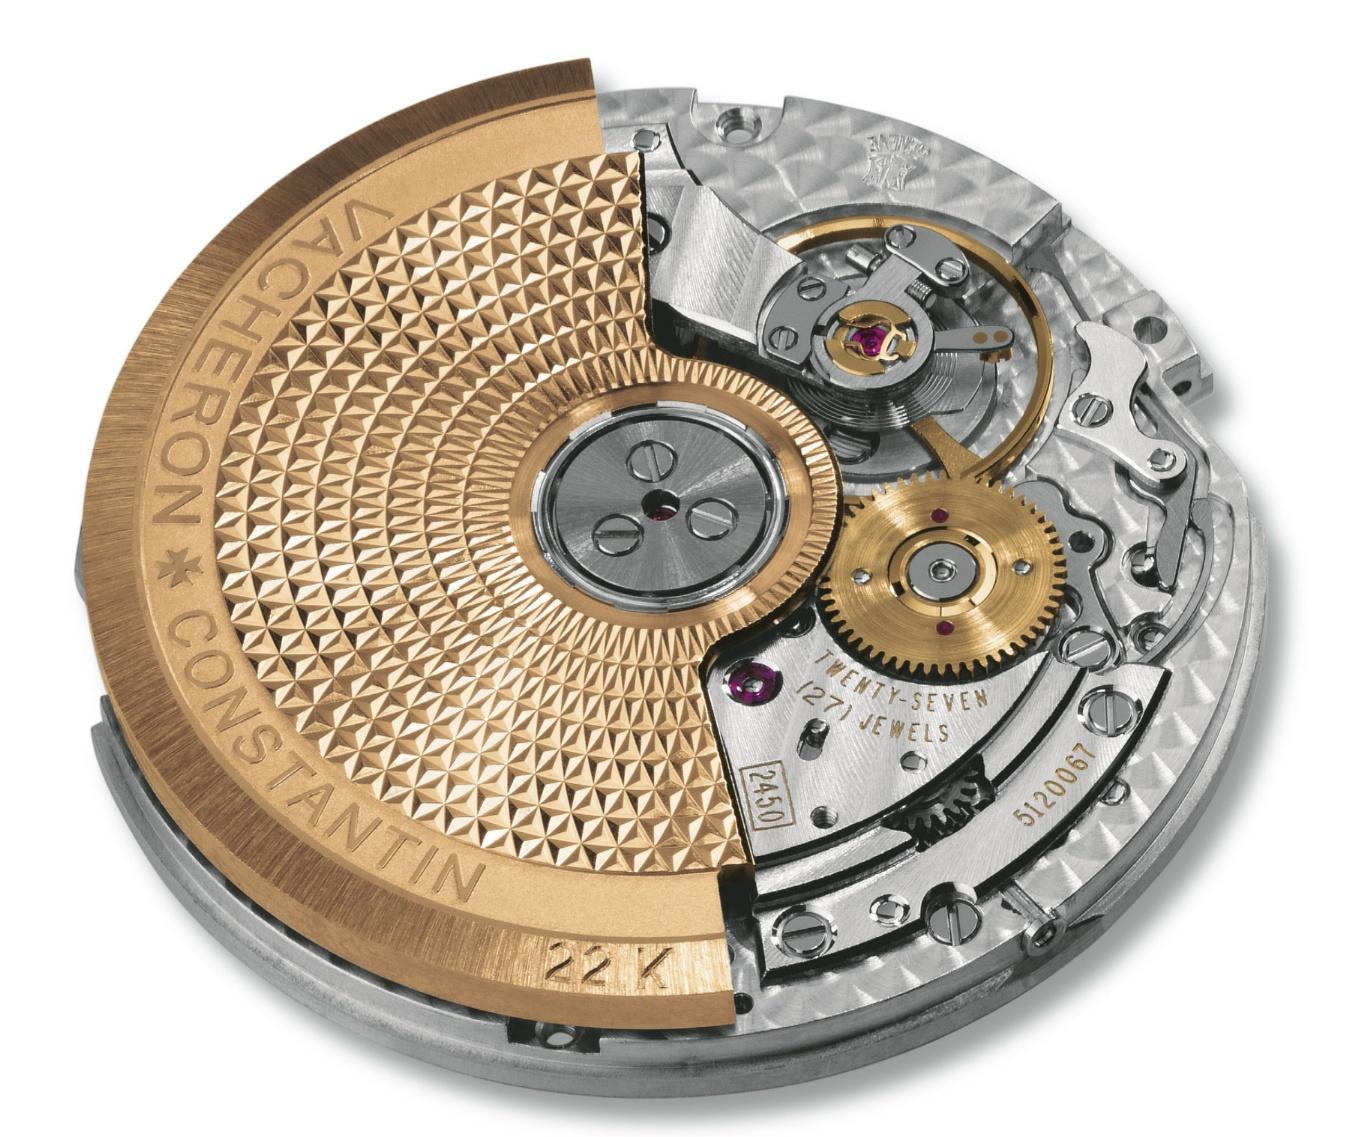 Vacheron Constantin: Calibre automatique 2450 Vc2450